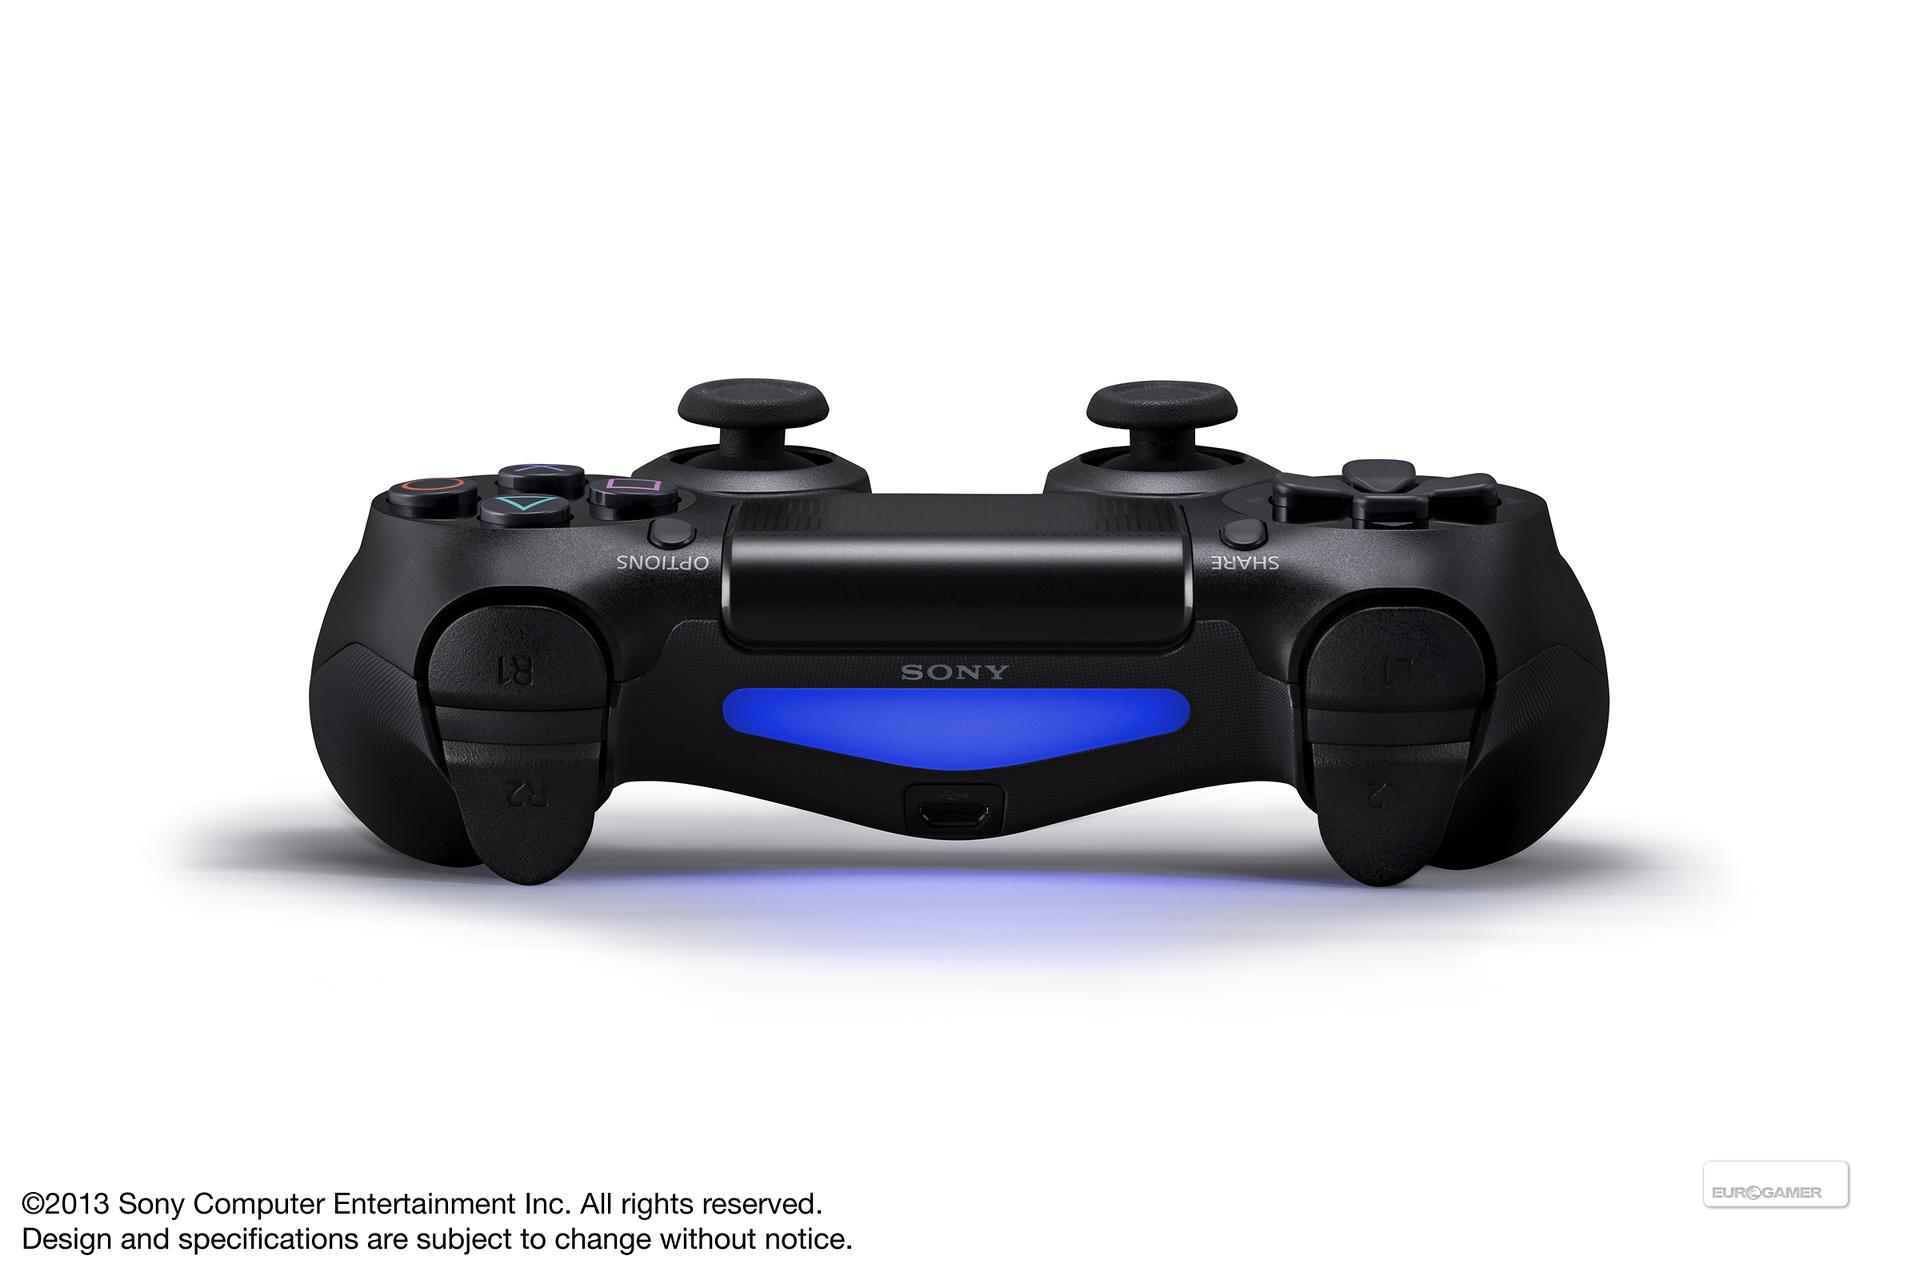 La PlayStation 4 no soportará juegos con resolución 4K